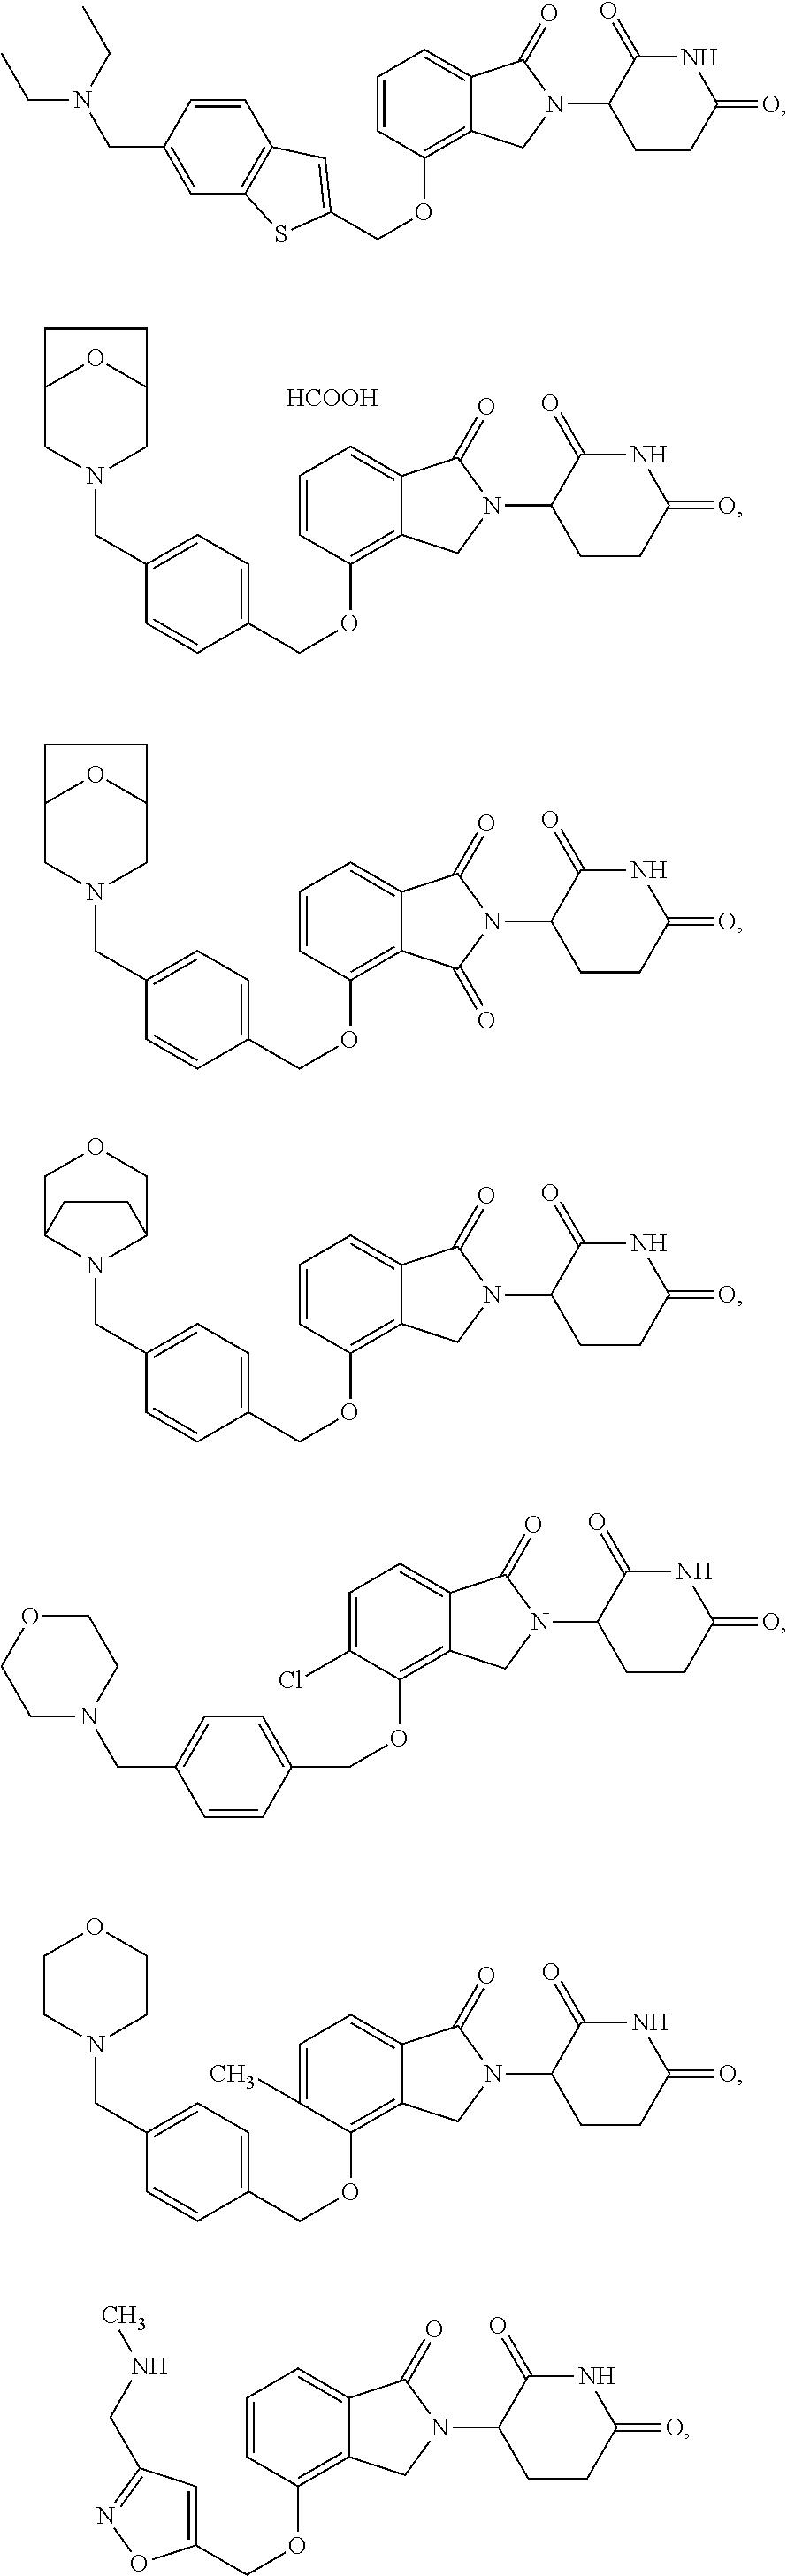 Figure US09587281-20170307-C00100